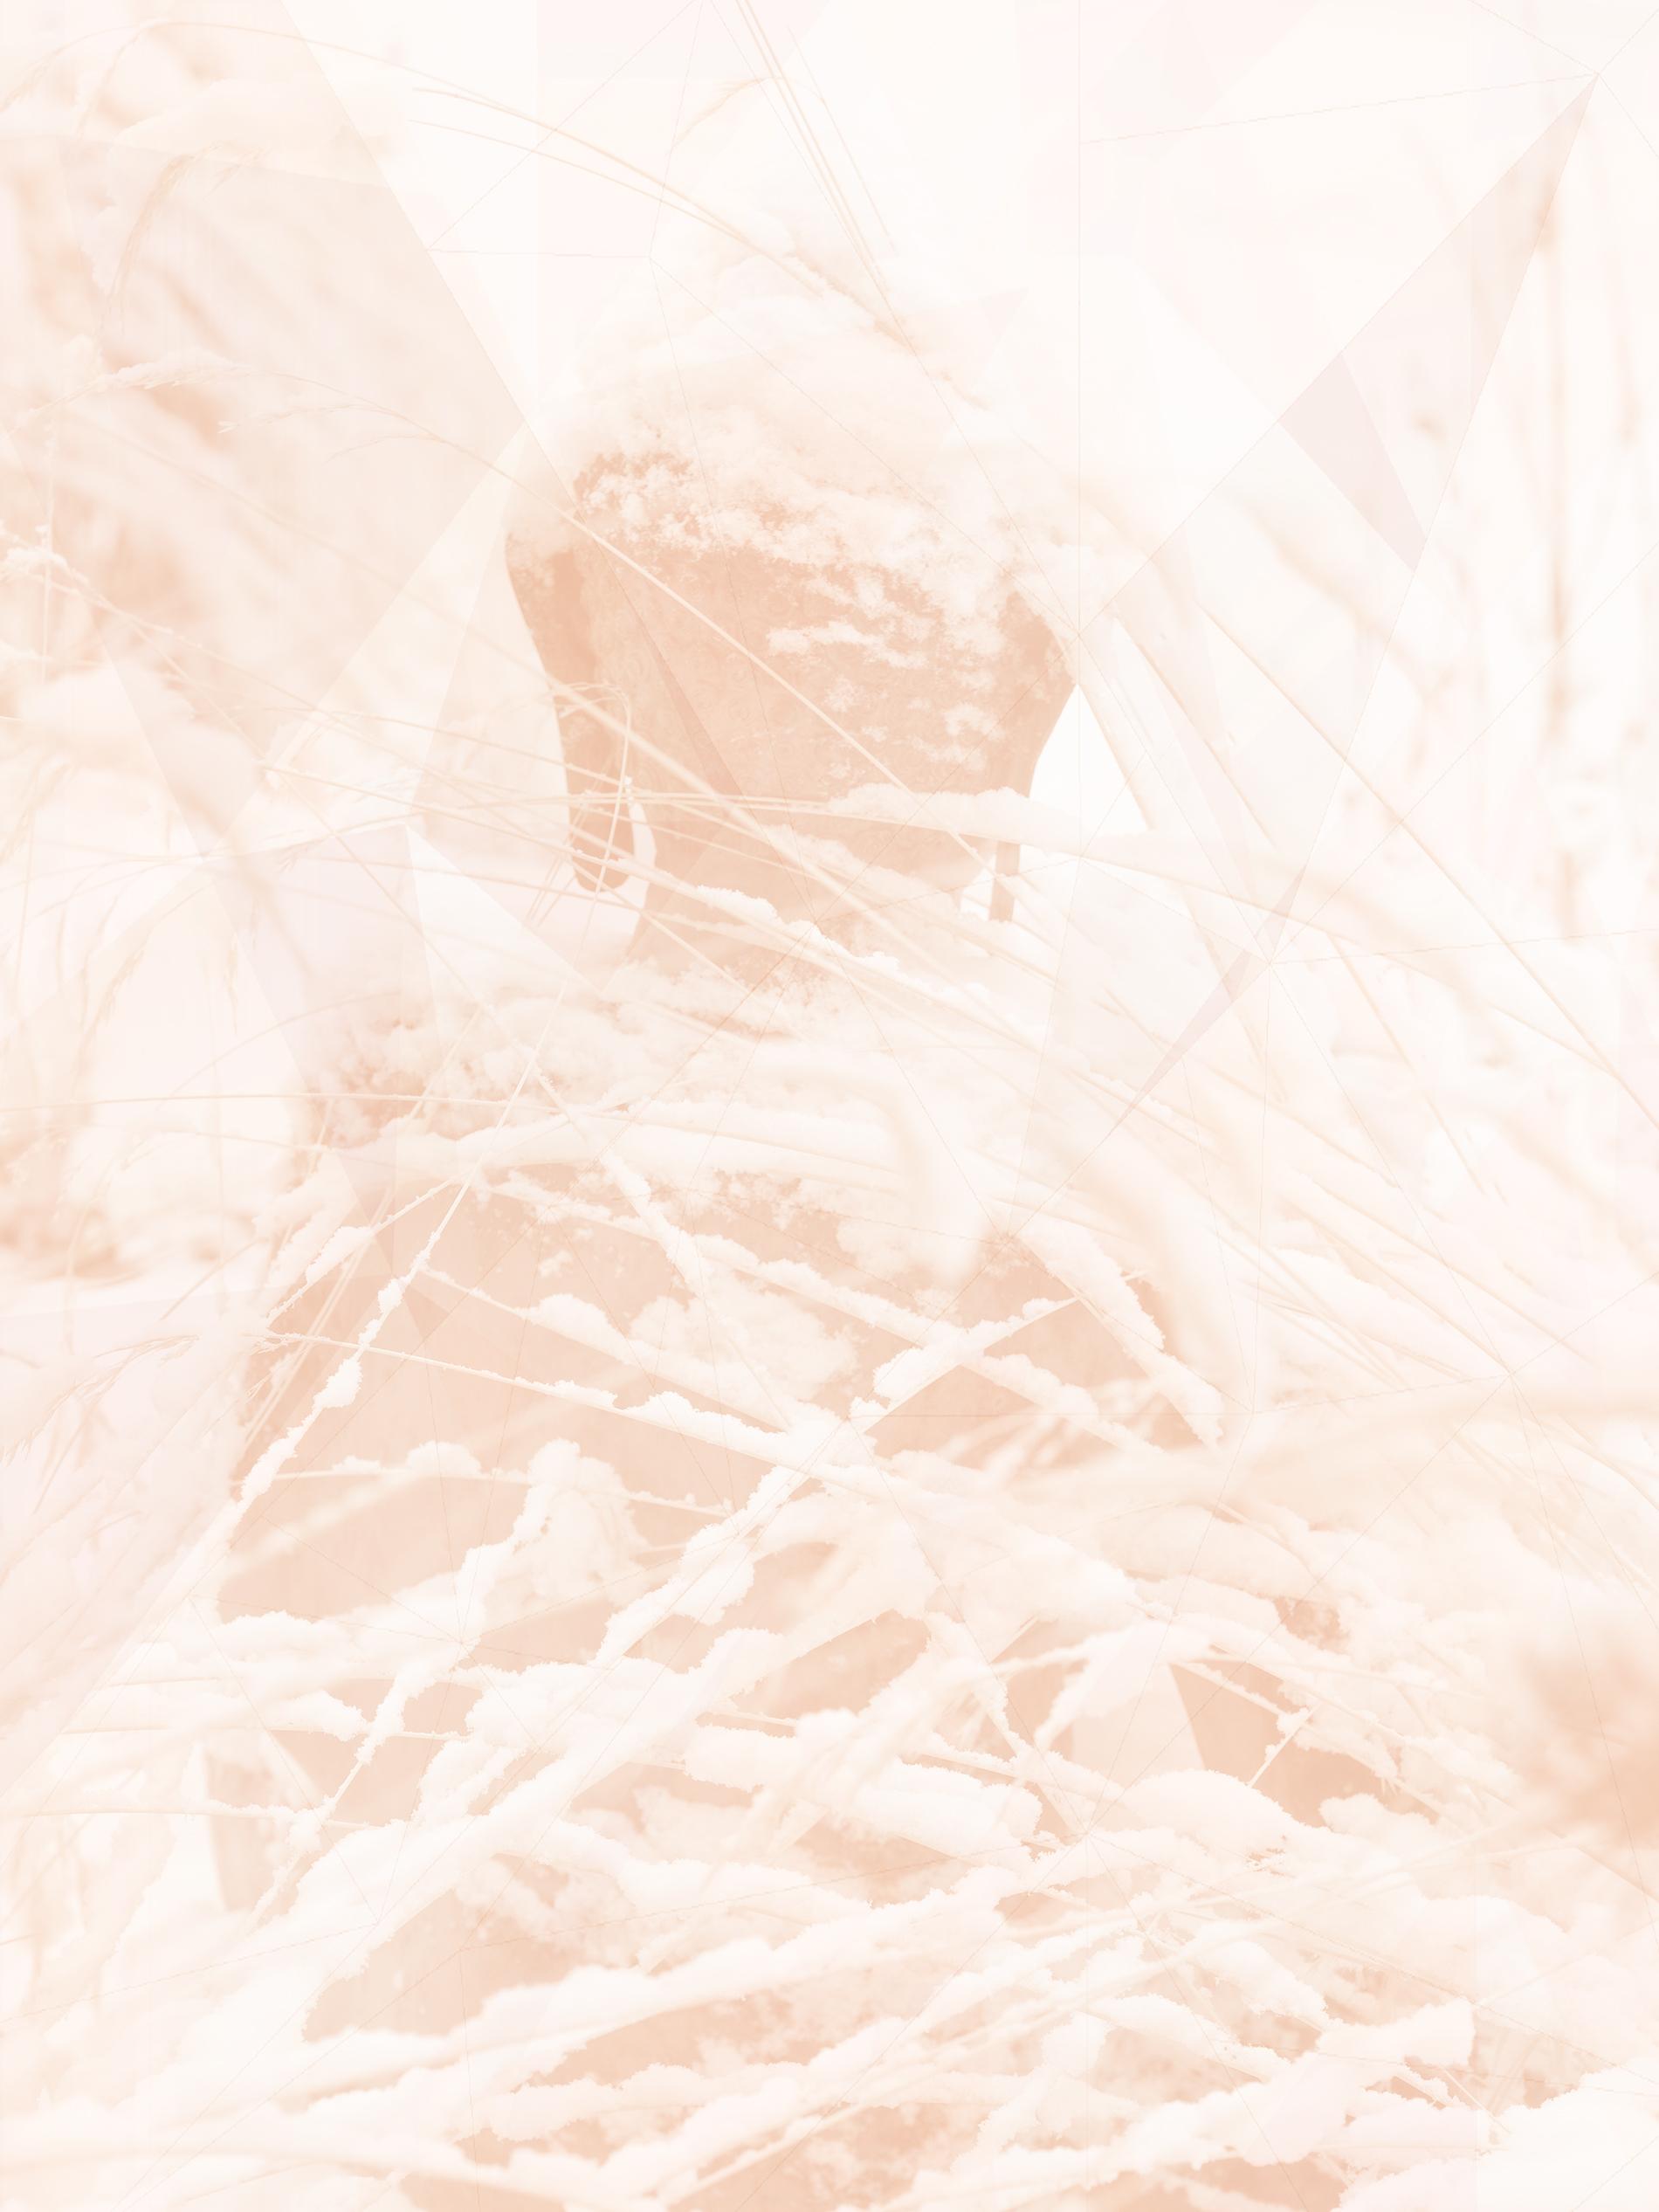 buddha-snow-010067-edit.jpg